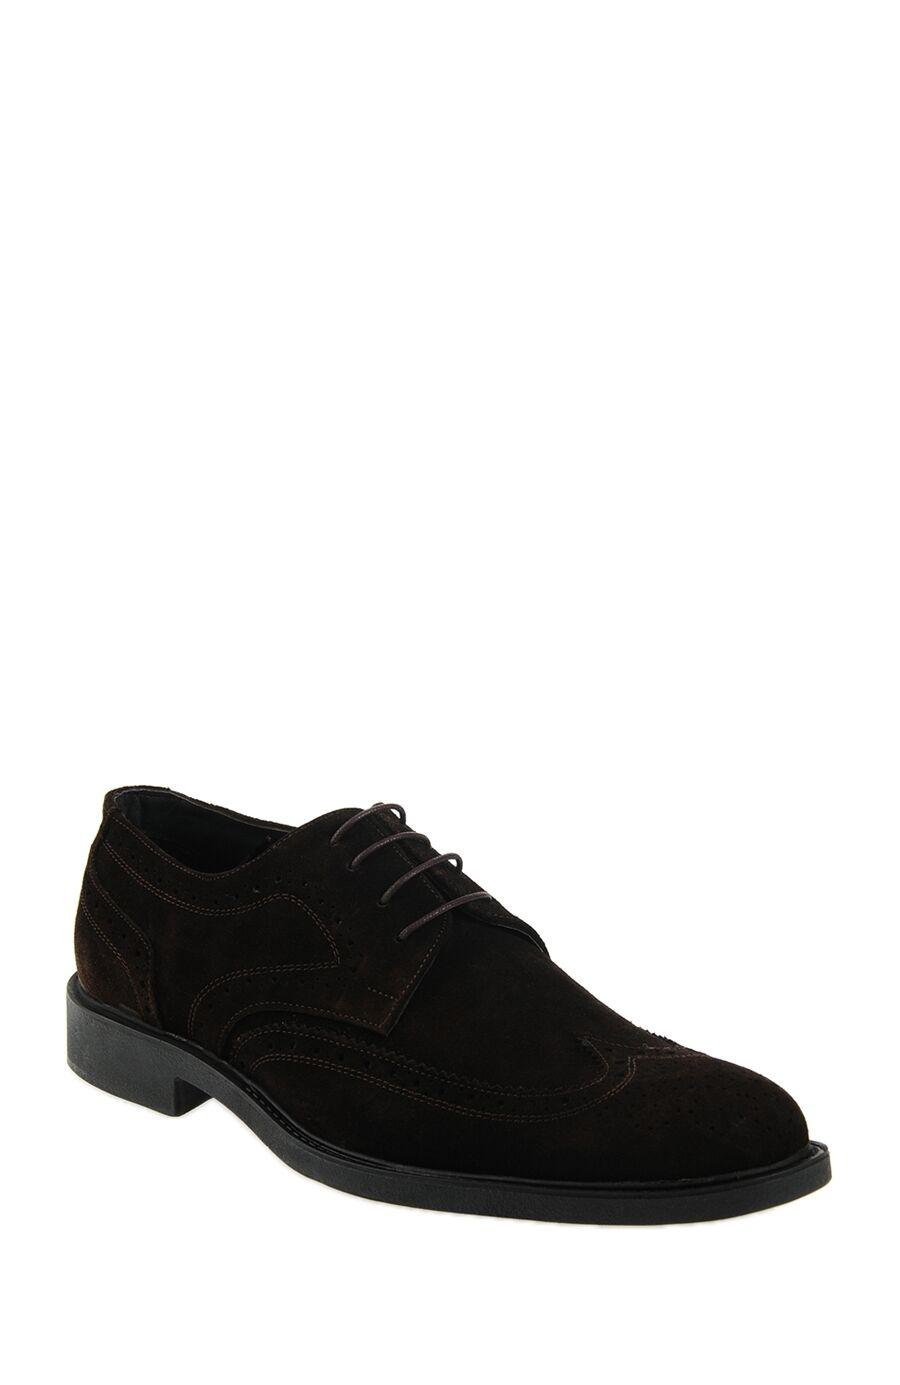 Zımbalı Tasarım Süet Ayakkabı